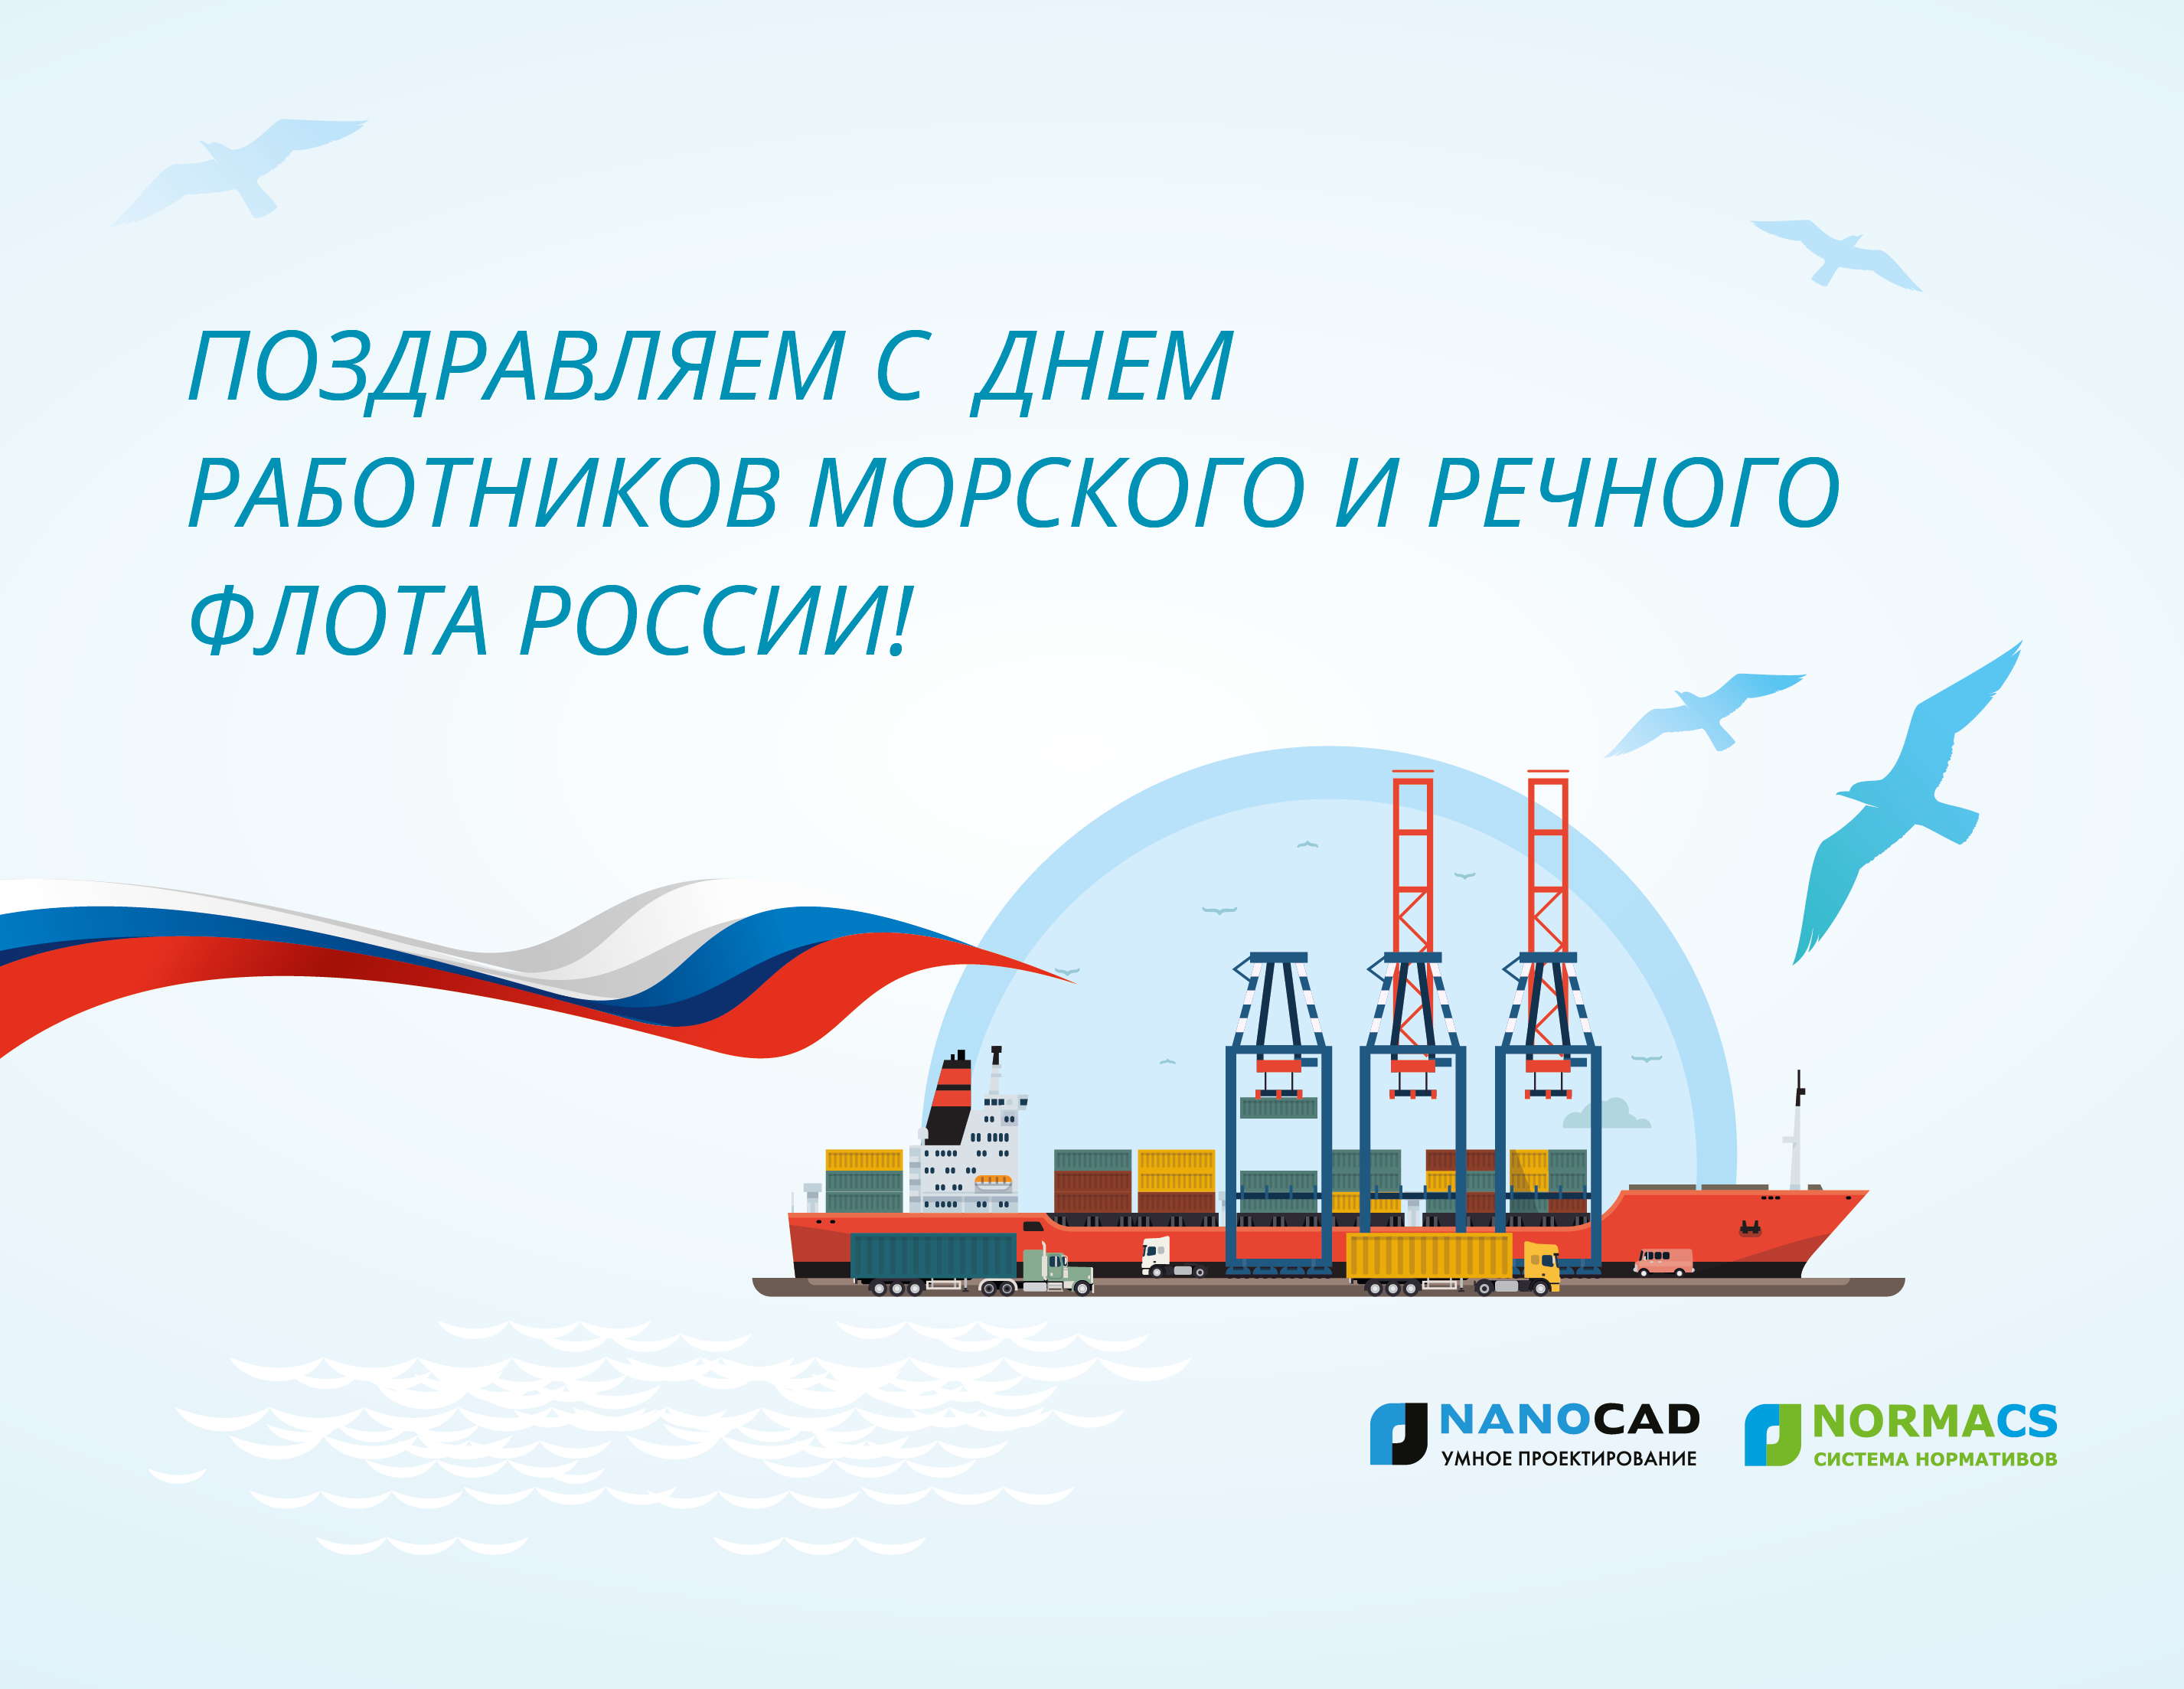 созданию поздравление на день работников морского и речного флота художественный основанный